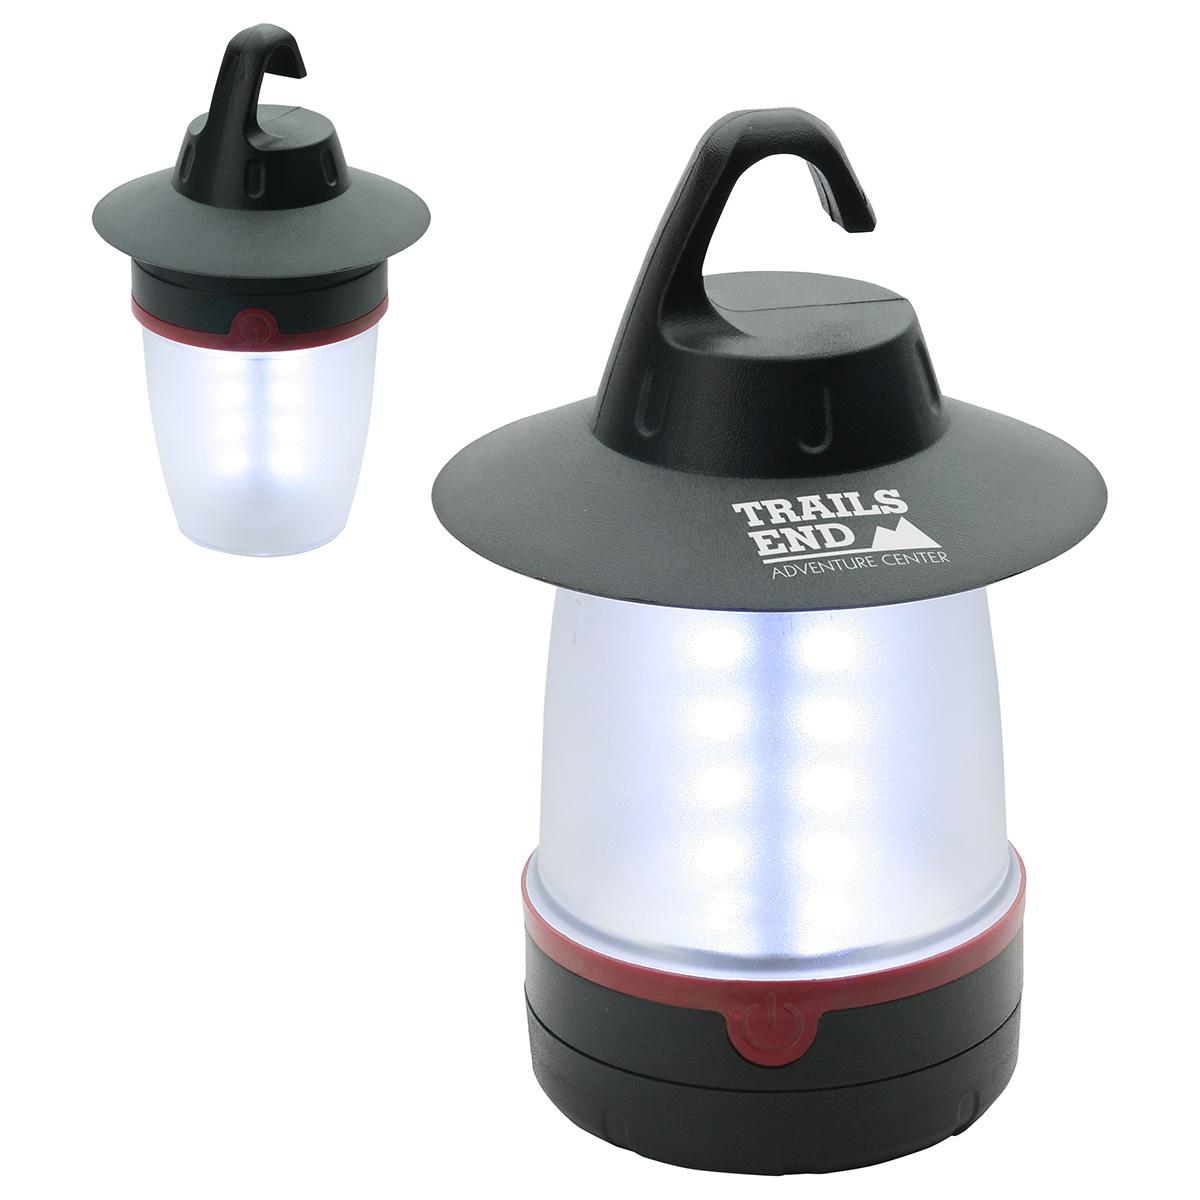 Candle Bright Dual Lantern w/ Detachable Handle, WLT-CB11 - 1 Colour Imprint